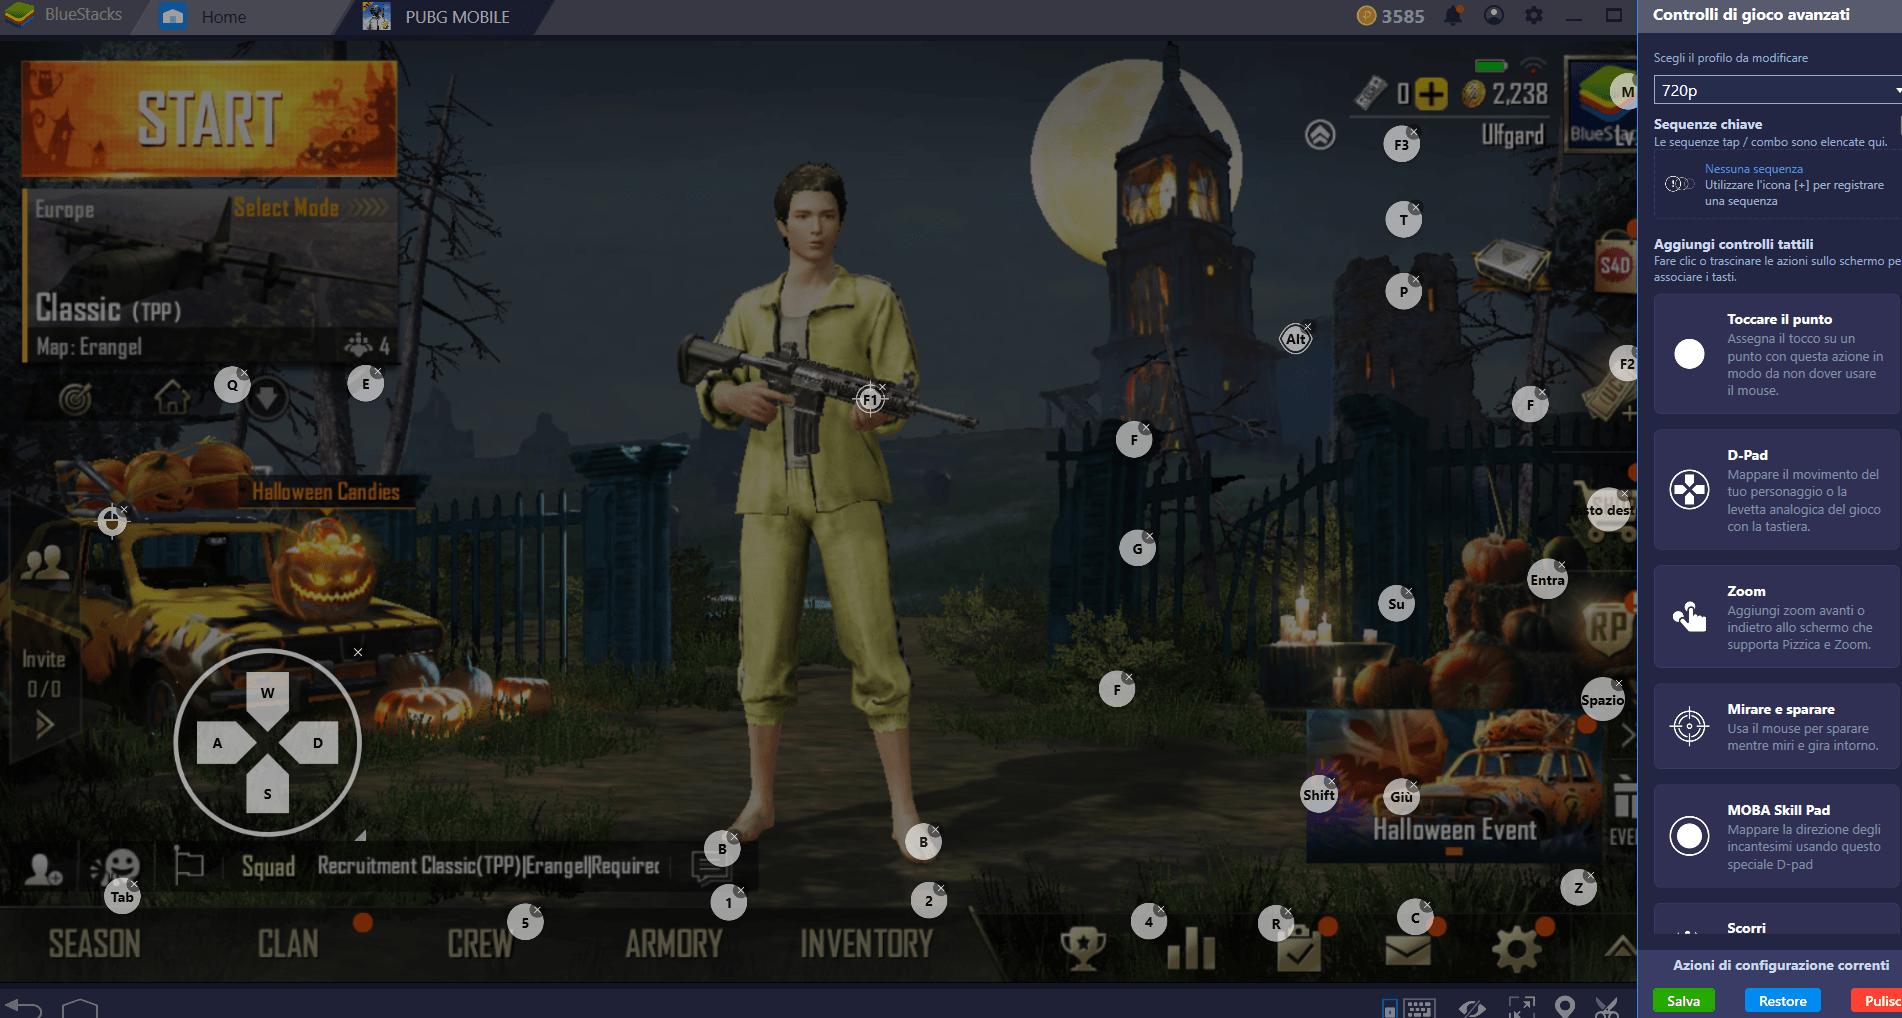 PUBG Mobile: diventa un vero pro gamer con le Sequenze chiave